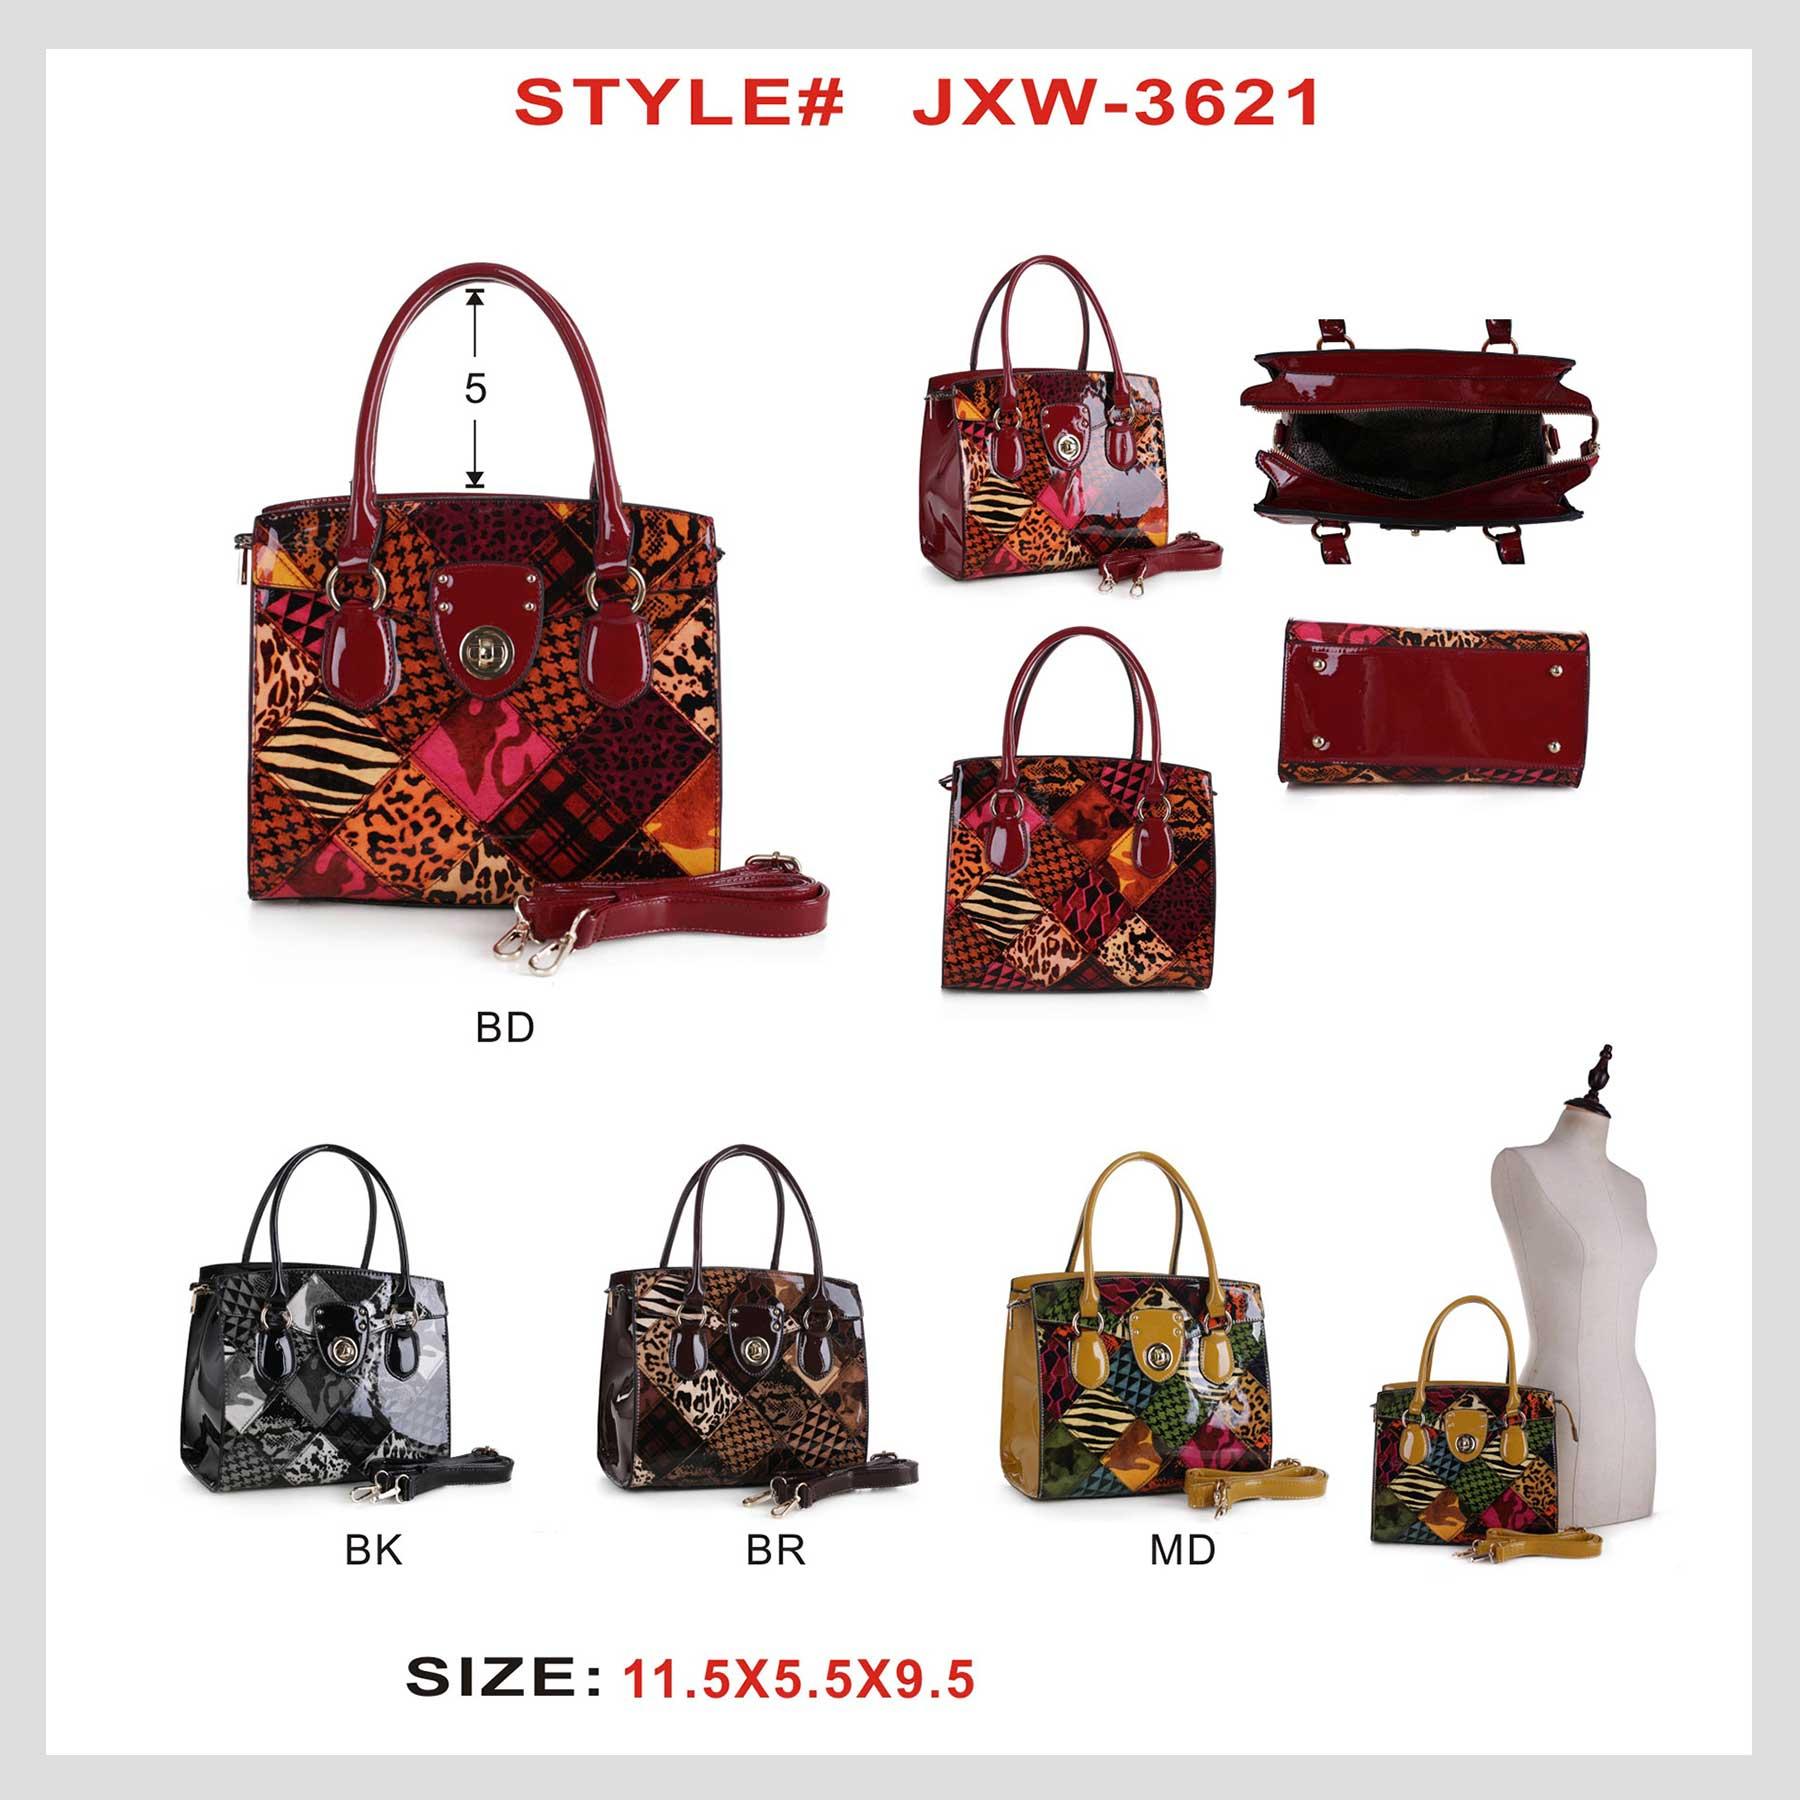 JXW-3621.jpg